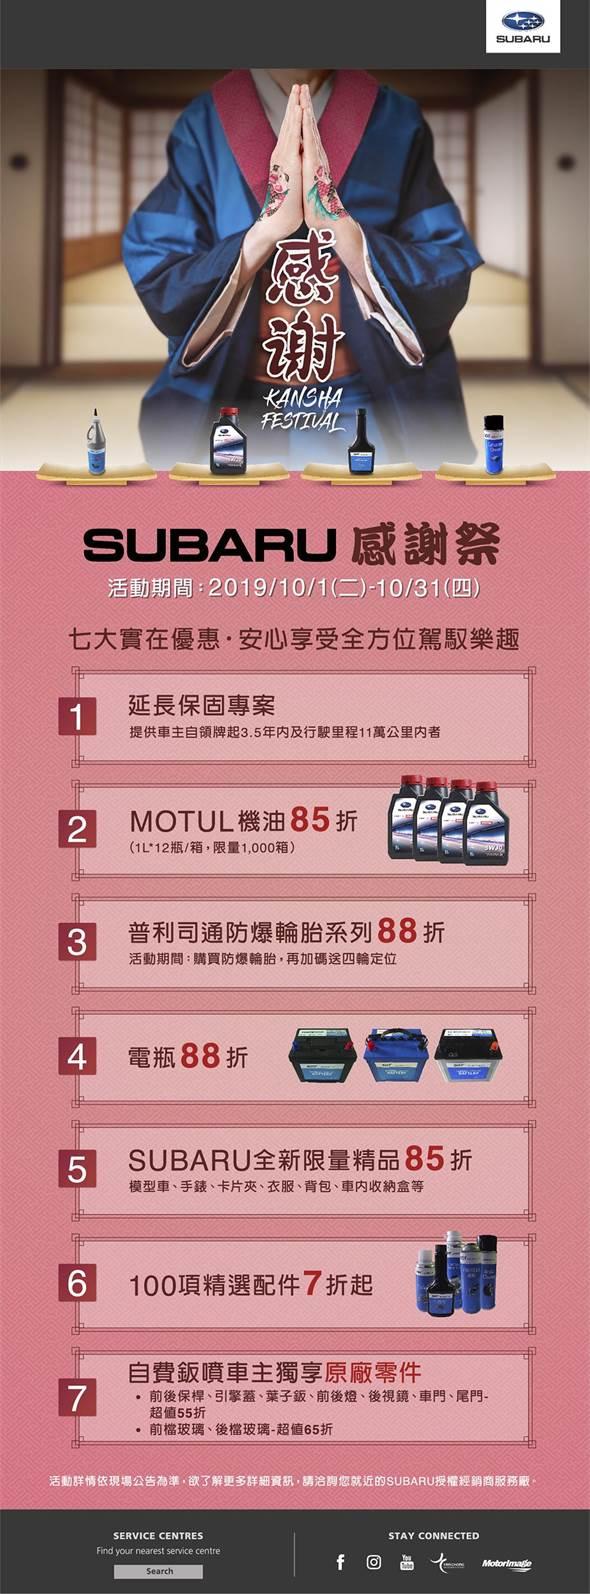 台灣意美汽車特別於10月1日起至10月31日止,精心規劃SUBARU感謝祭活動,透過七大實在優惠回饋車主,以豐富的優惠內容,協助將您的愛車提升至最佳狀態。